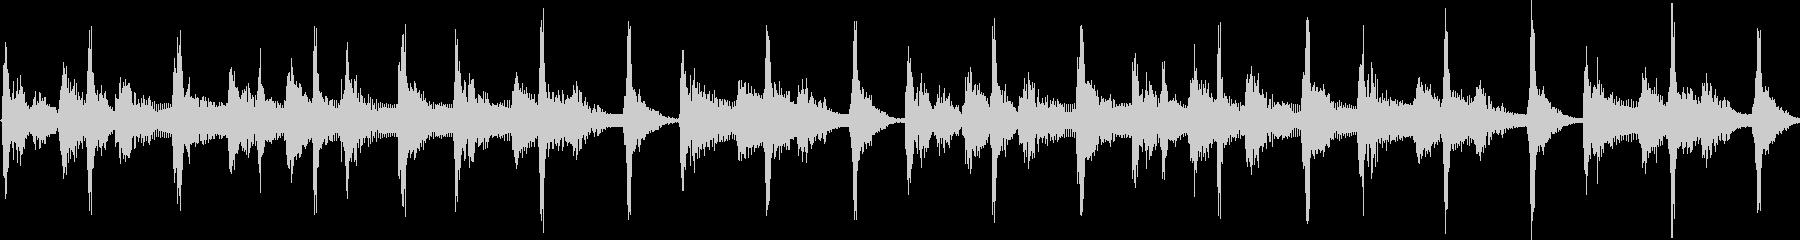 レゲエ風の短いジングル(ループ)の未再生の波形